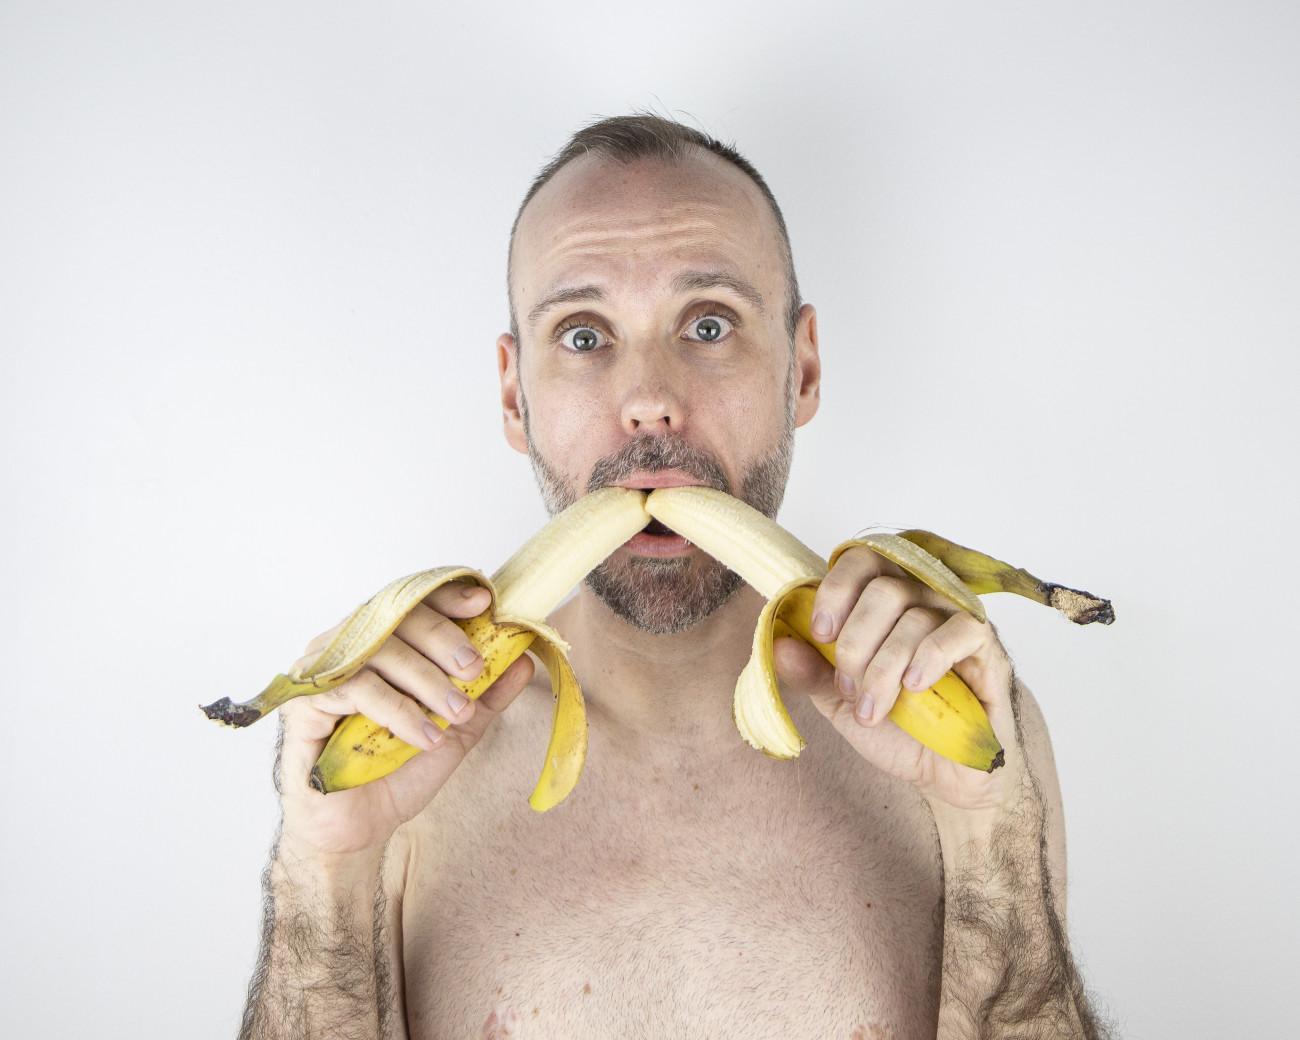 Steve Giasson.  Performance invisible n° 192 (Manger une banane). D'après Andy Warhol. Mario Banana I et II. 1964. D'après Natalia LL (Natalia Lach-Lachowicz). Consumer Art. 1972-1975. D'après Andy Warhol. self portrait eating banana. 1982. D'après Sarah Lucas. Eating a Banana. 1990. D'après Karol Radziszewski. Taste It. 2006.Performeur : Steve Giasson. Crédit photographique : Martin Vinette. Retouches photographiques : Daniel Roy. 28 octobre-5 novembre 2020.